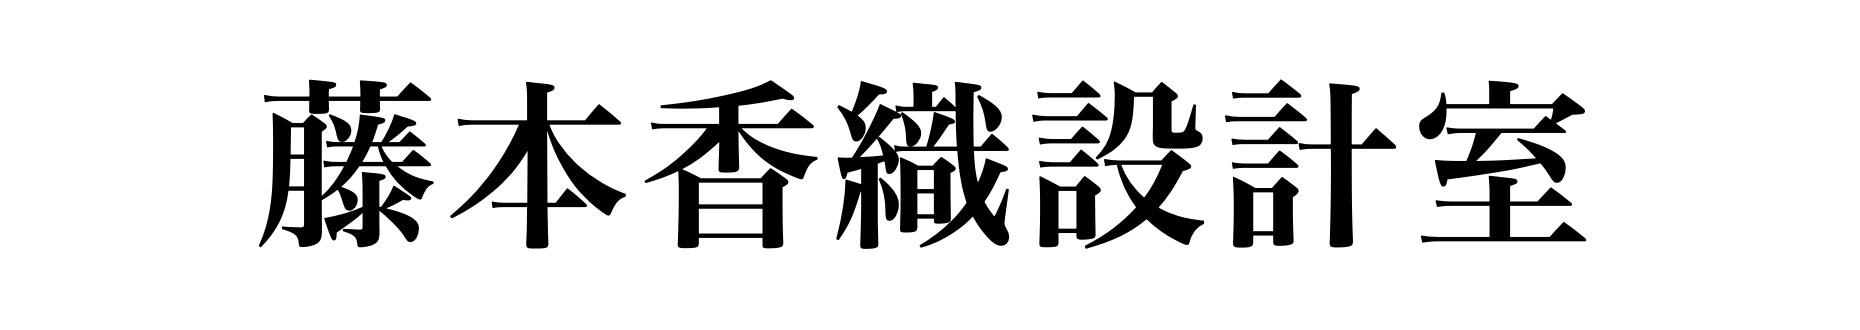 福岡の建築設計事務所|藤本香織設計室(注文住宅)